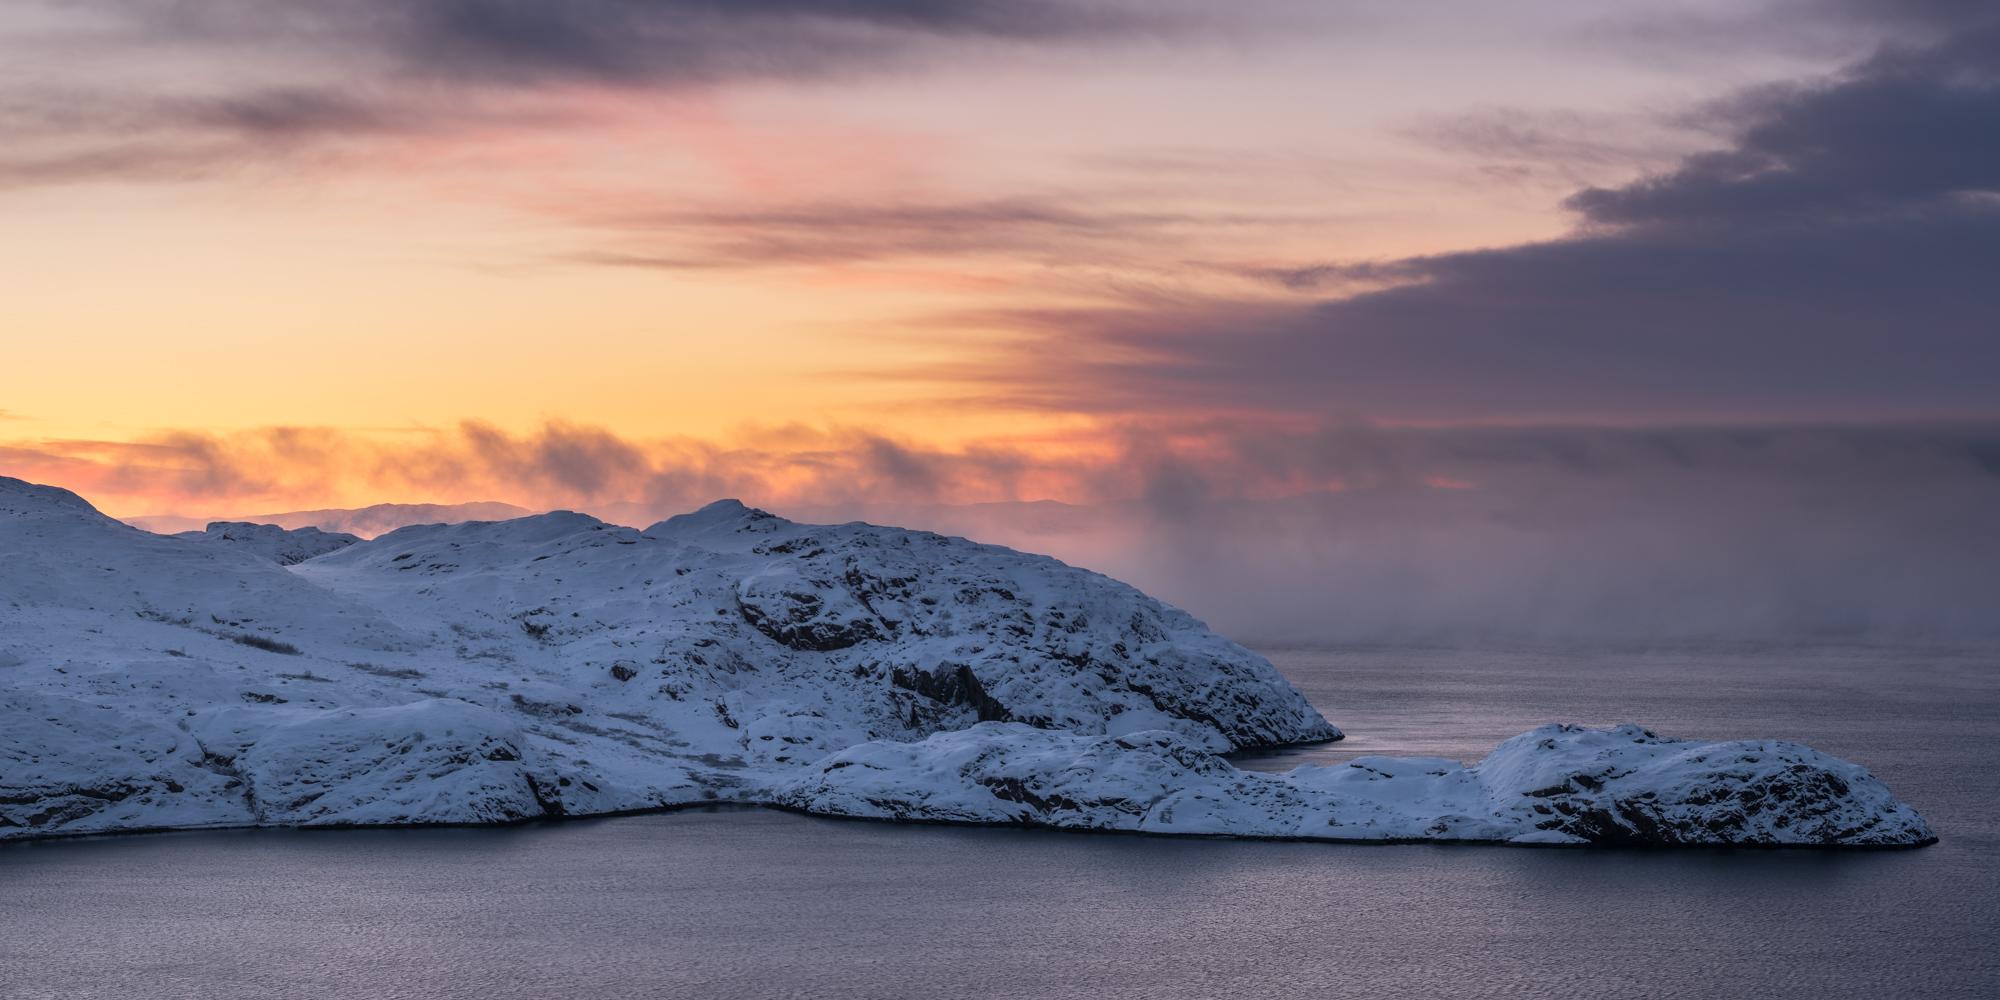 """Reinøya - """"Reindeer Island"""" // Fujifilm X-T3 ISO 160 80mm f/8.0 1/6 sec"""